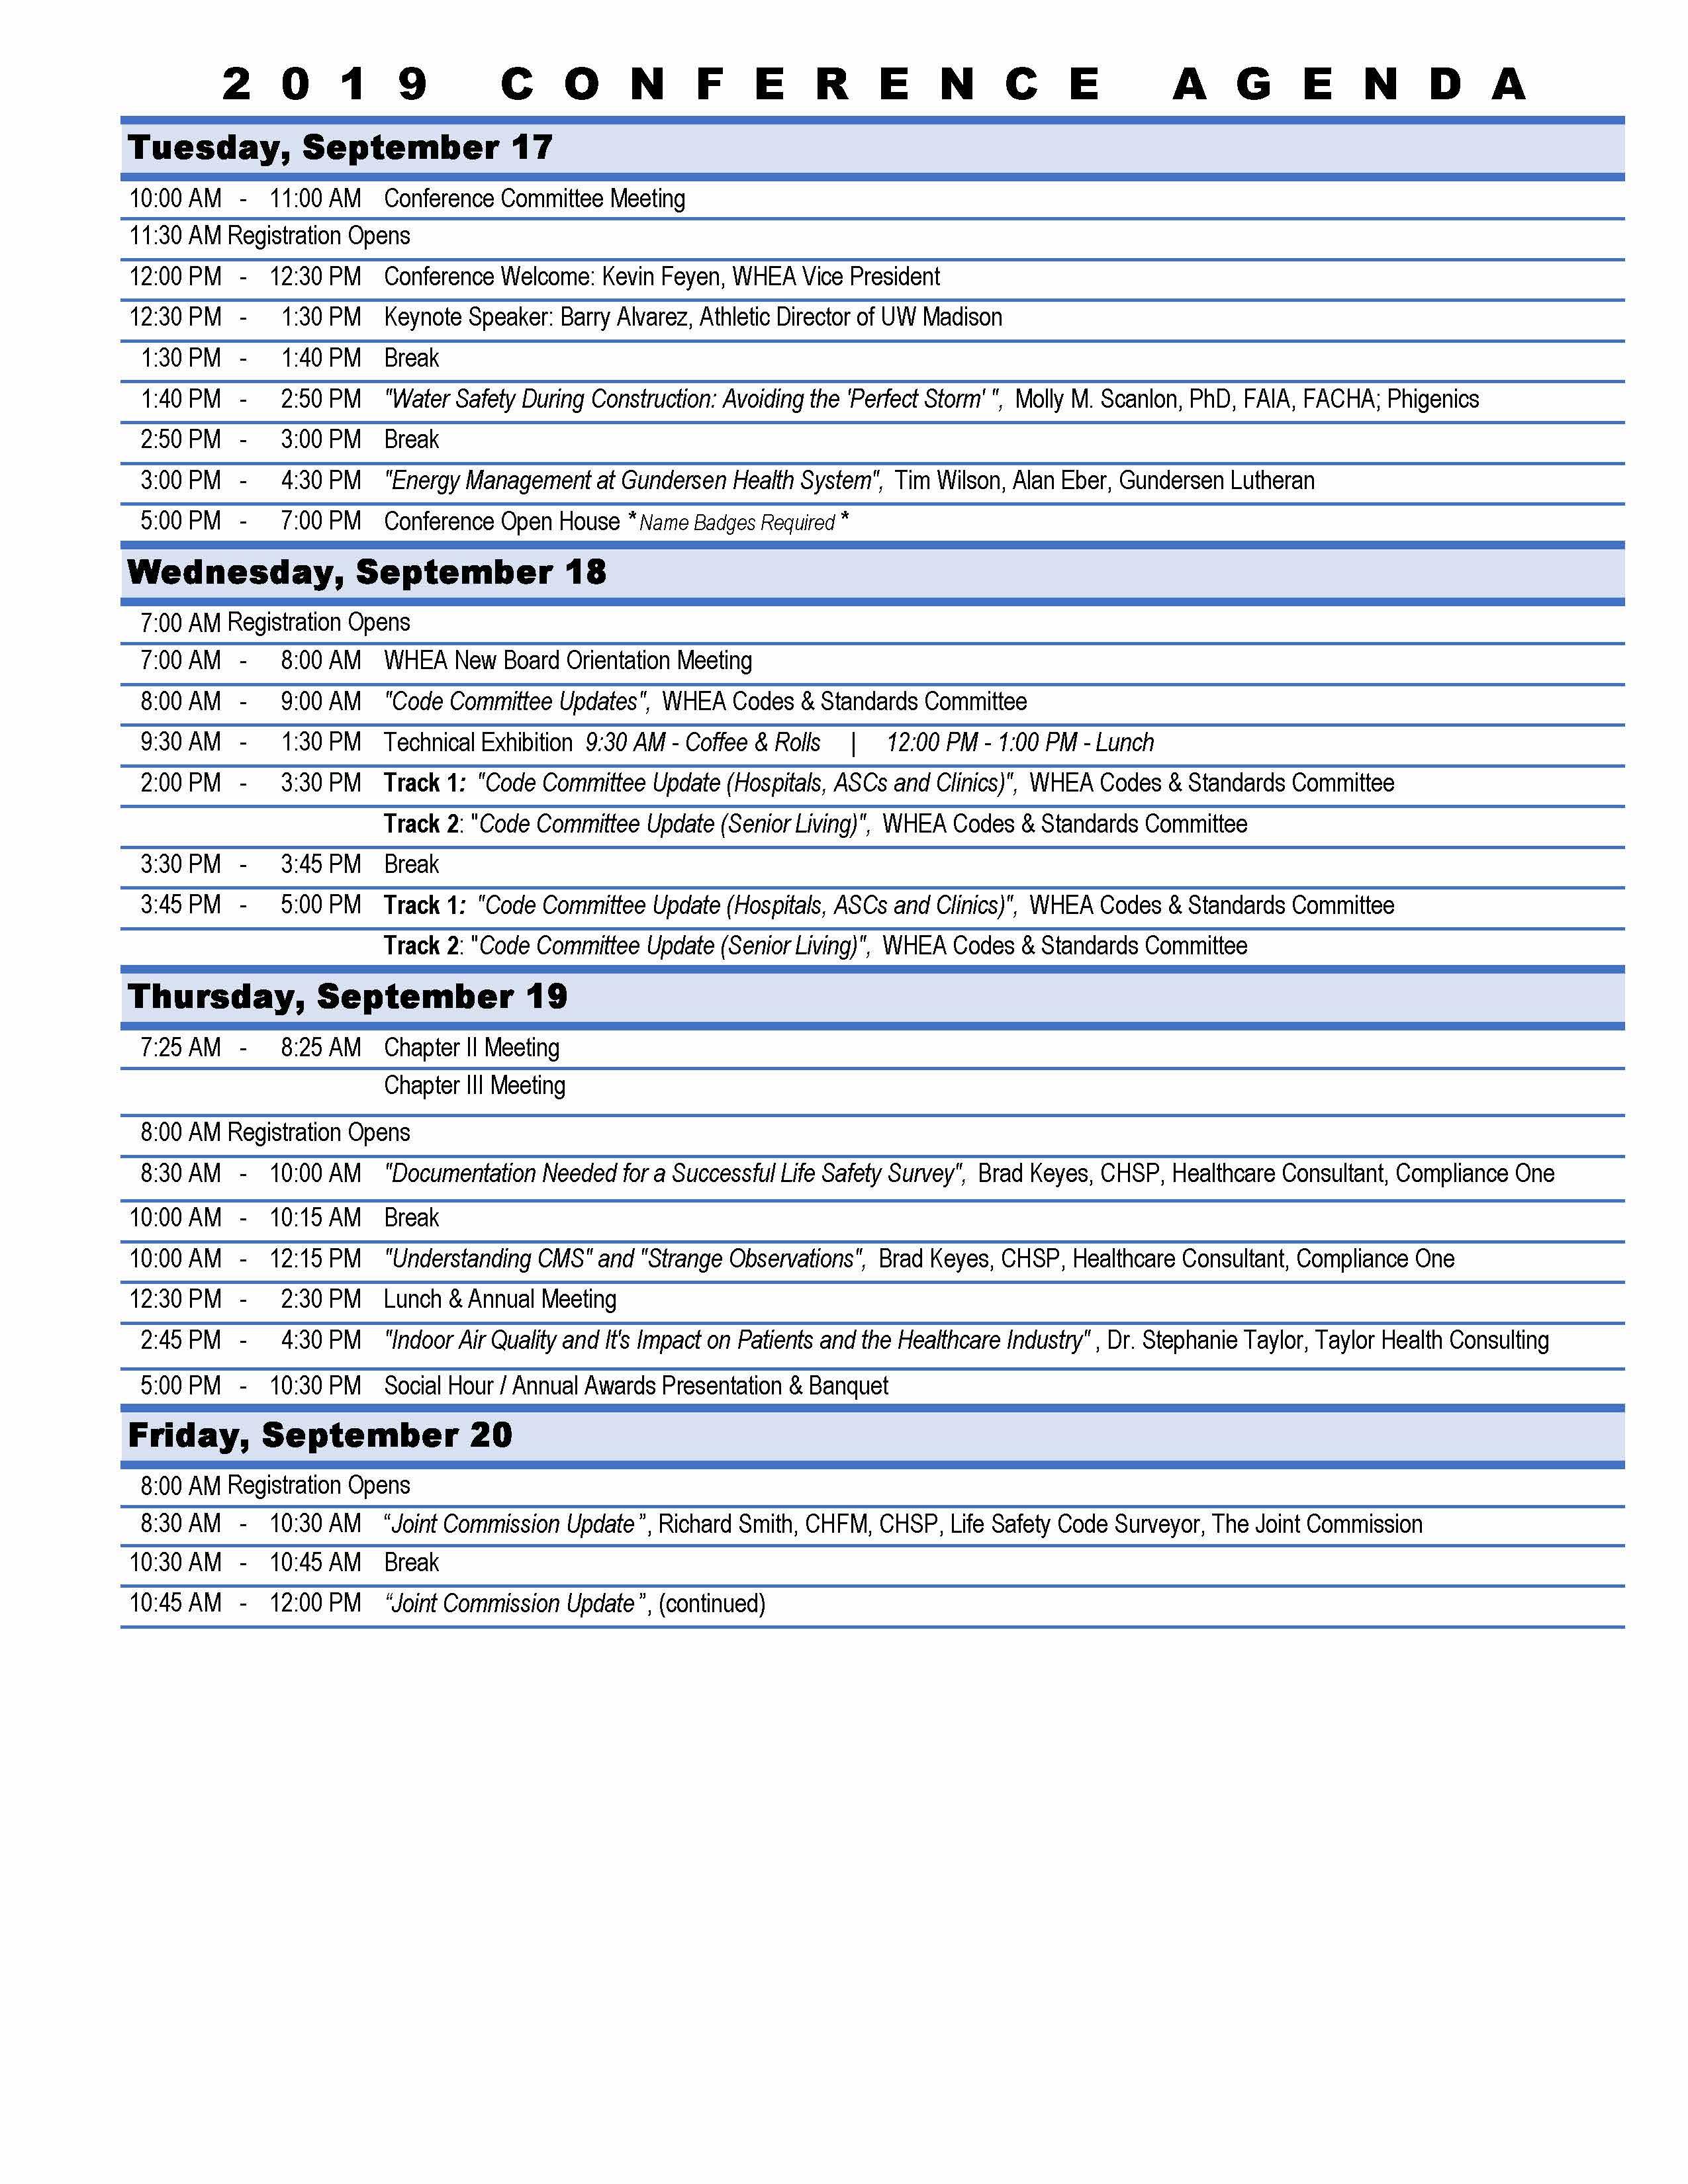 2019-conference-agenda